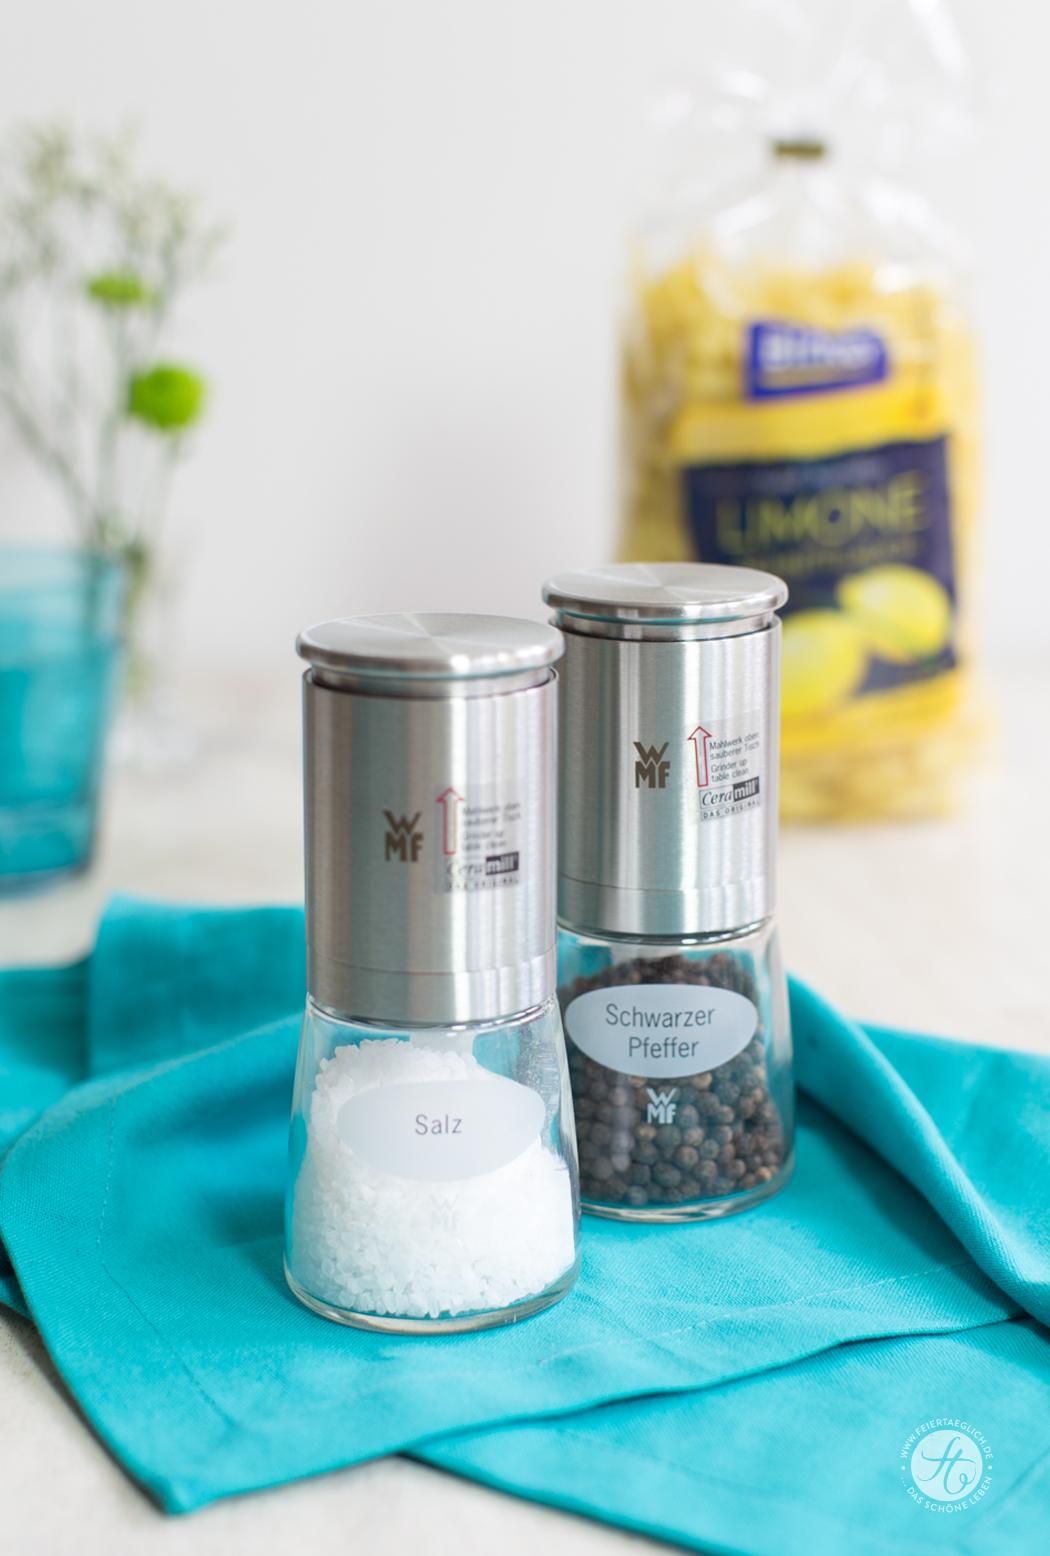 Salz-und Pfeffermühle von WMF, Give Away